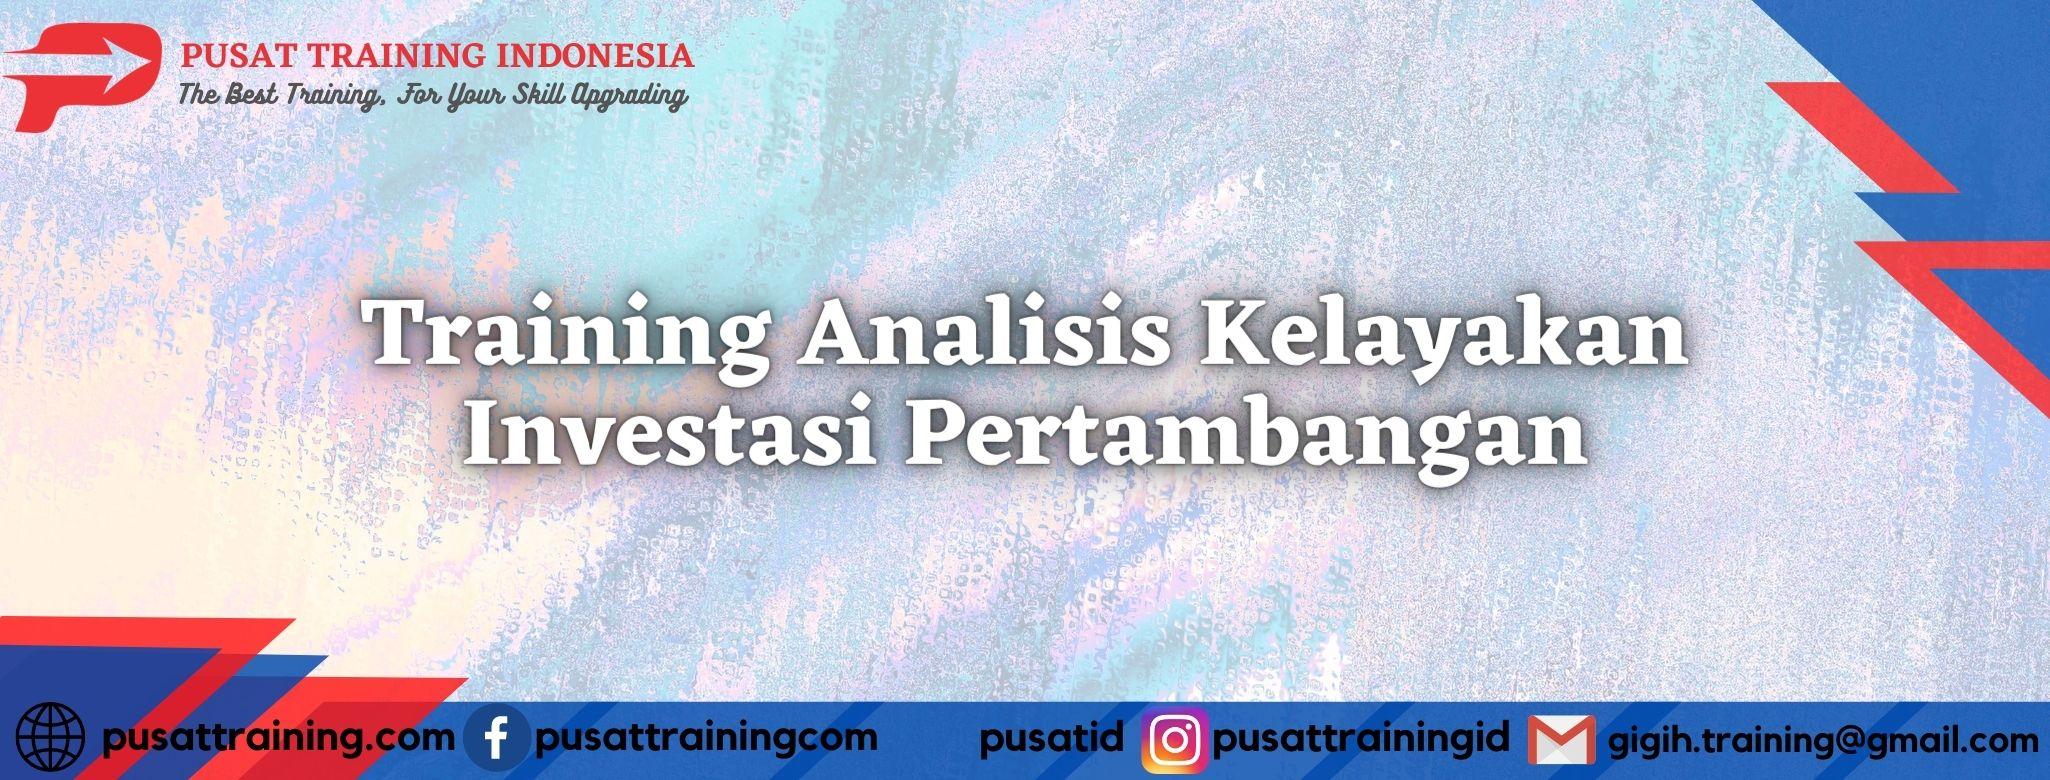 Training-Analisis-Kelayakan-Investasi-Pertambangan